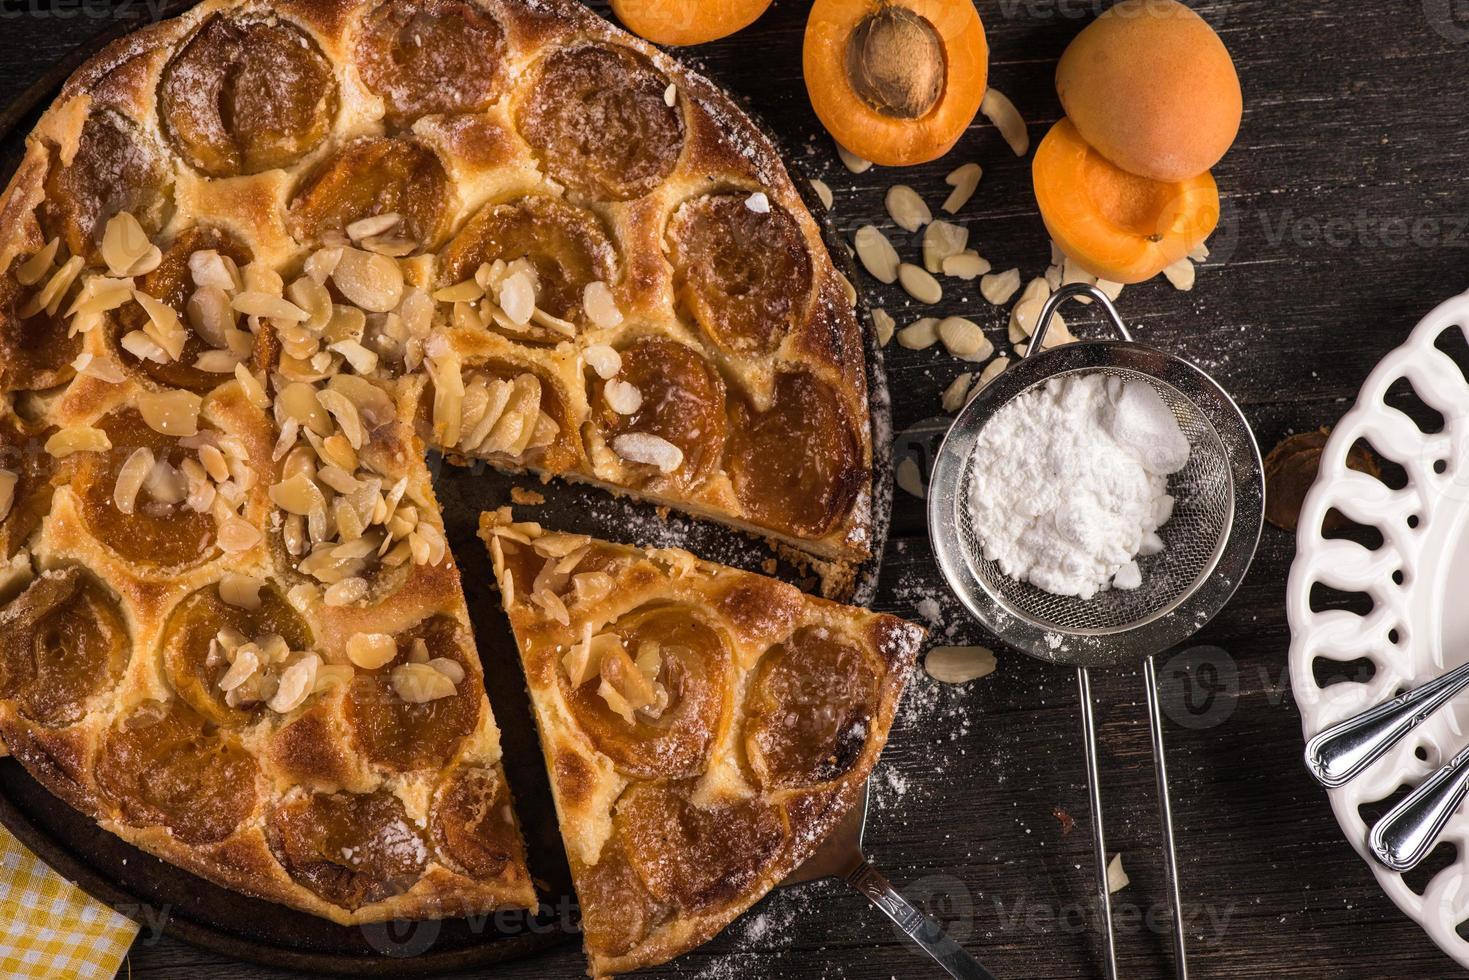 tarte aux abricots maison aux amandes et fruits frais photo